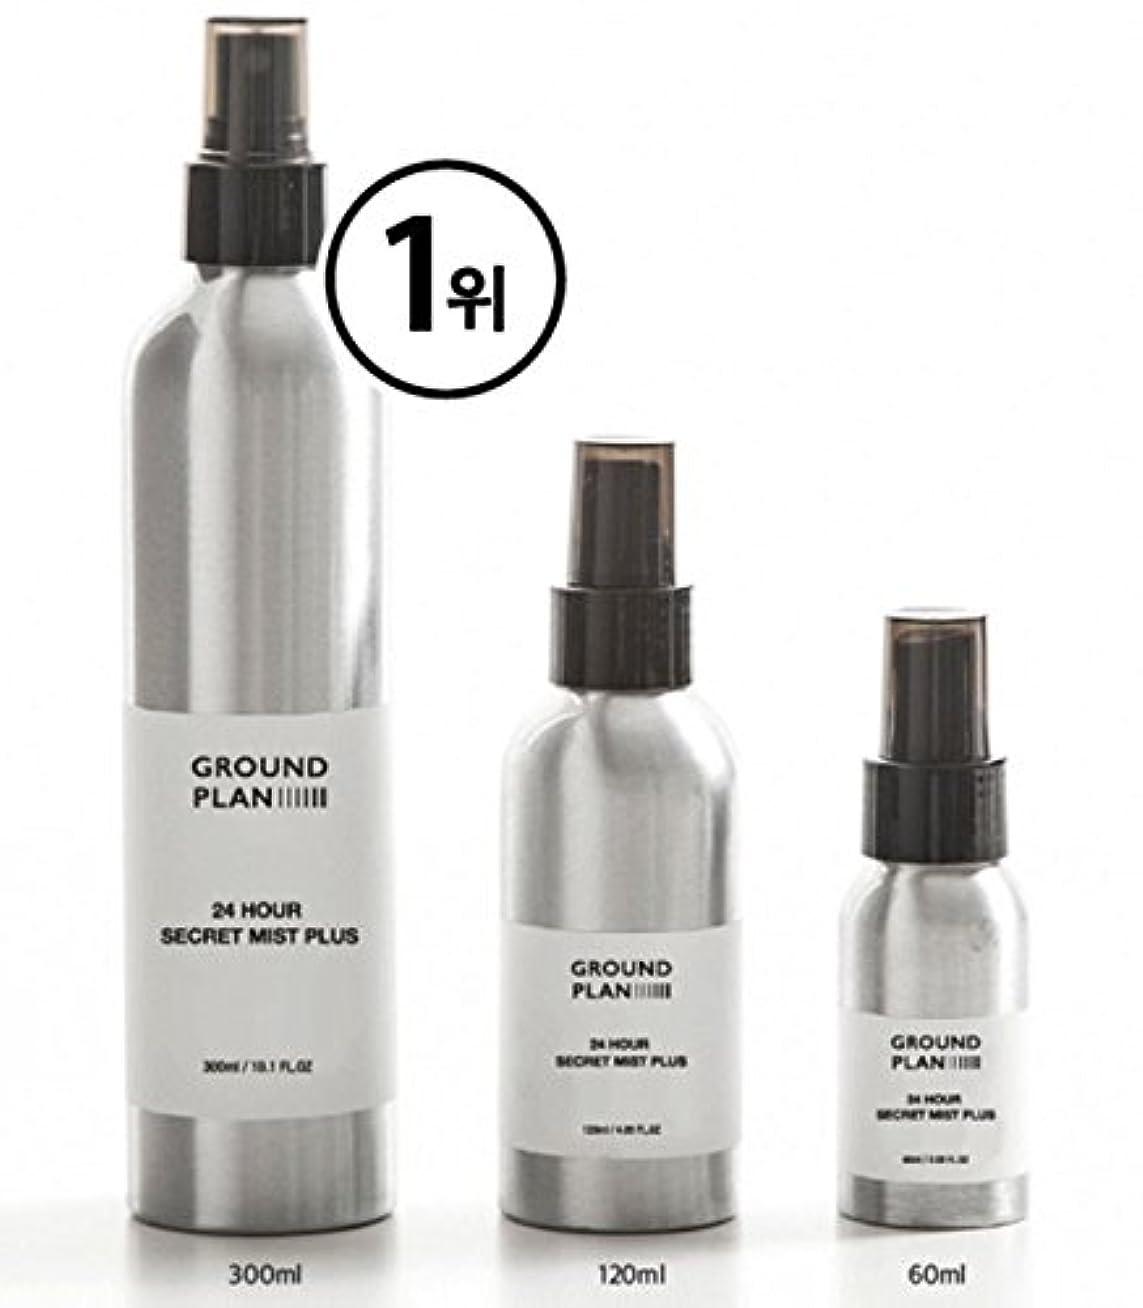 人工的なコンピュータークスクス[グラウンド?プラン] 24Hour 秘密 スキンミスト Plus (120ml) (300ml) Ground plan 24 Hour Secret Skin Mist Plus [海外直送品] (120ml)